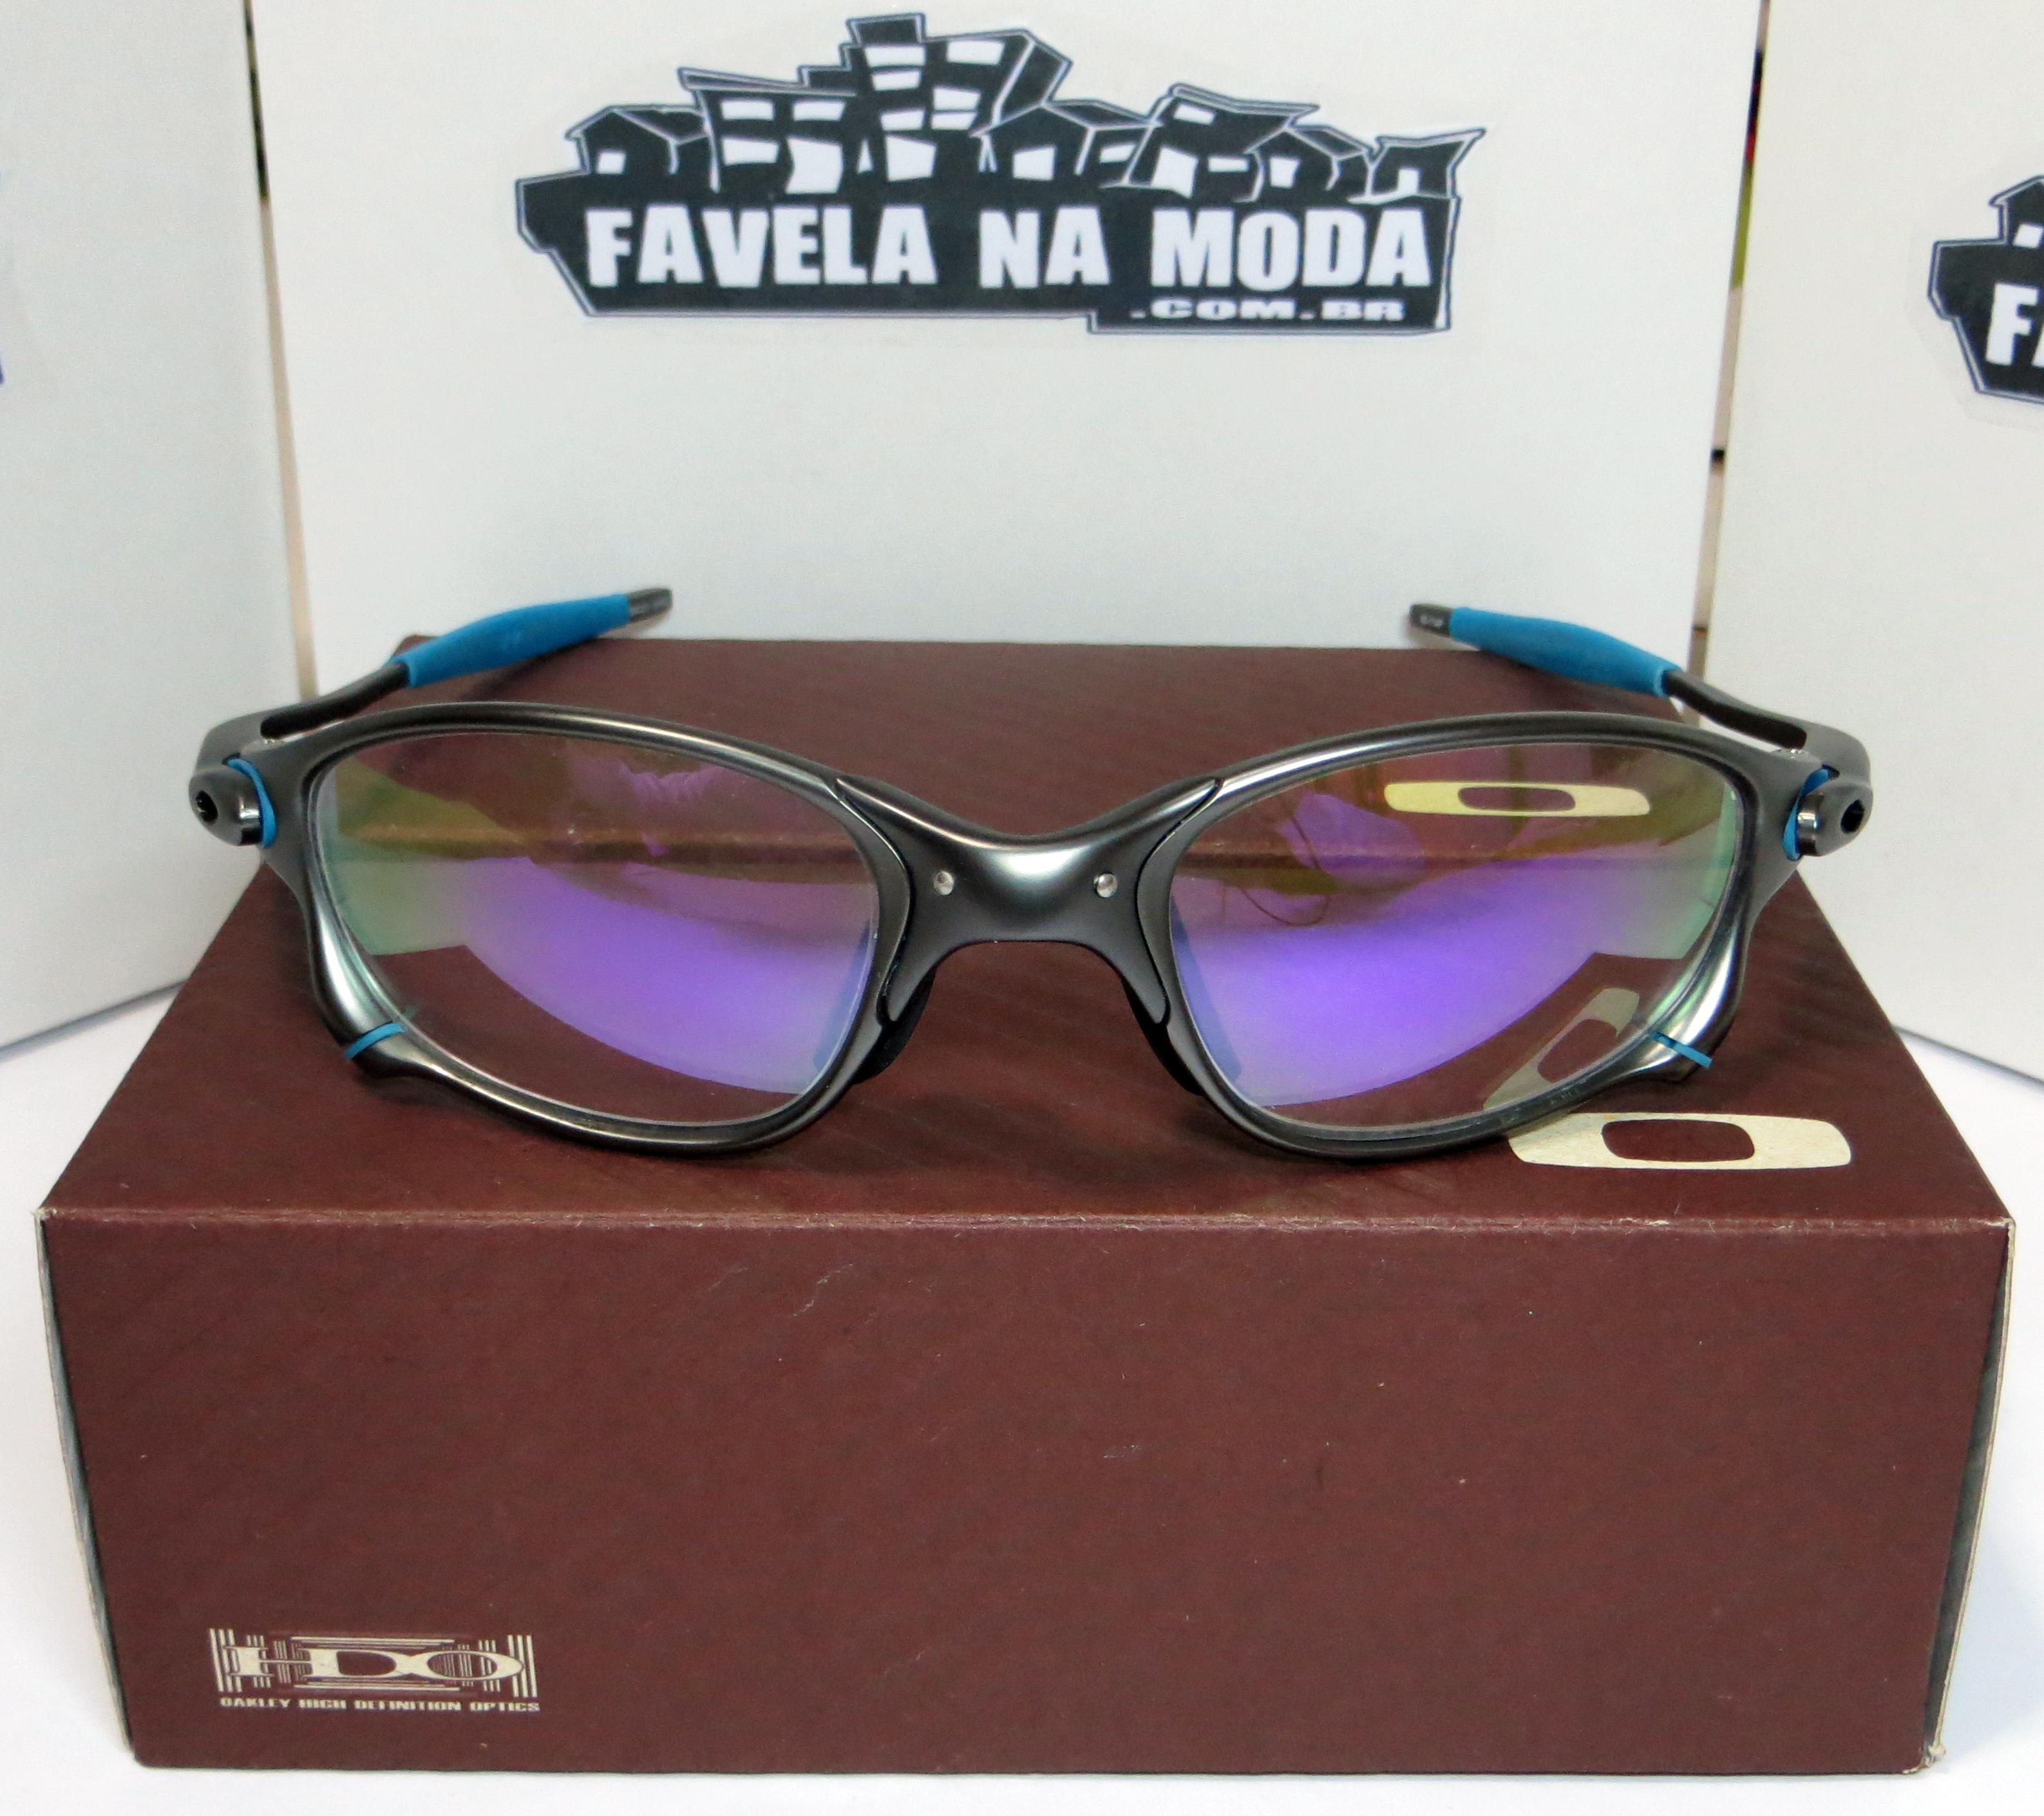 2ff7aac71 Óculos Oakley Double xx - Carbon / Clear Roxa / Borrachinhas Azul Bebê